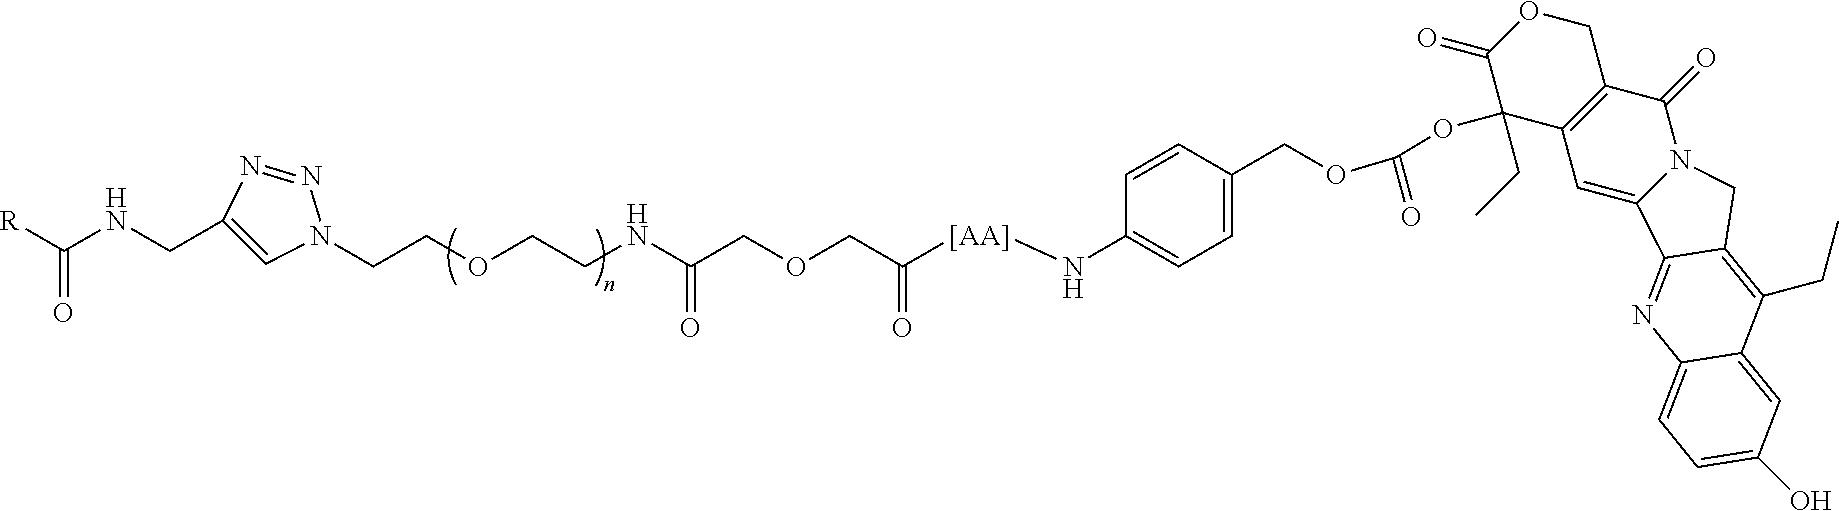 Figure US10265414-20190423-C00019